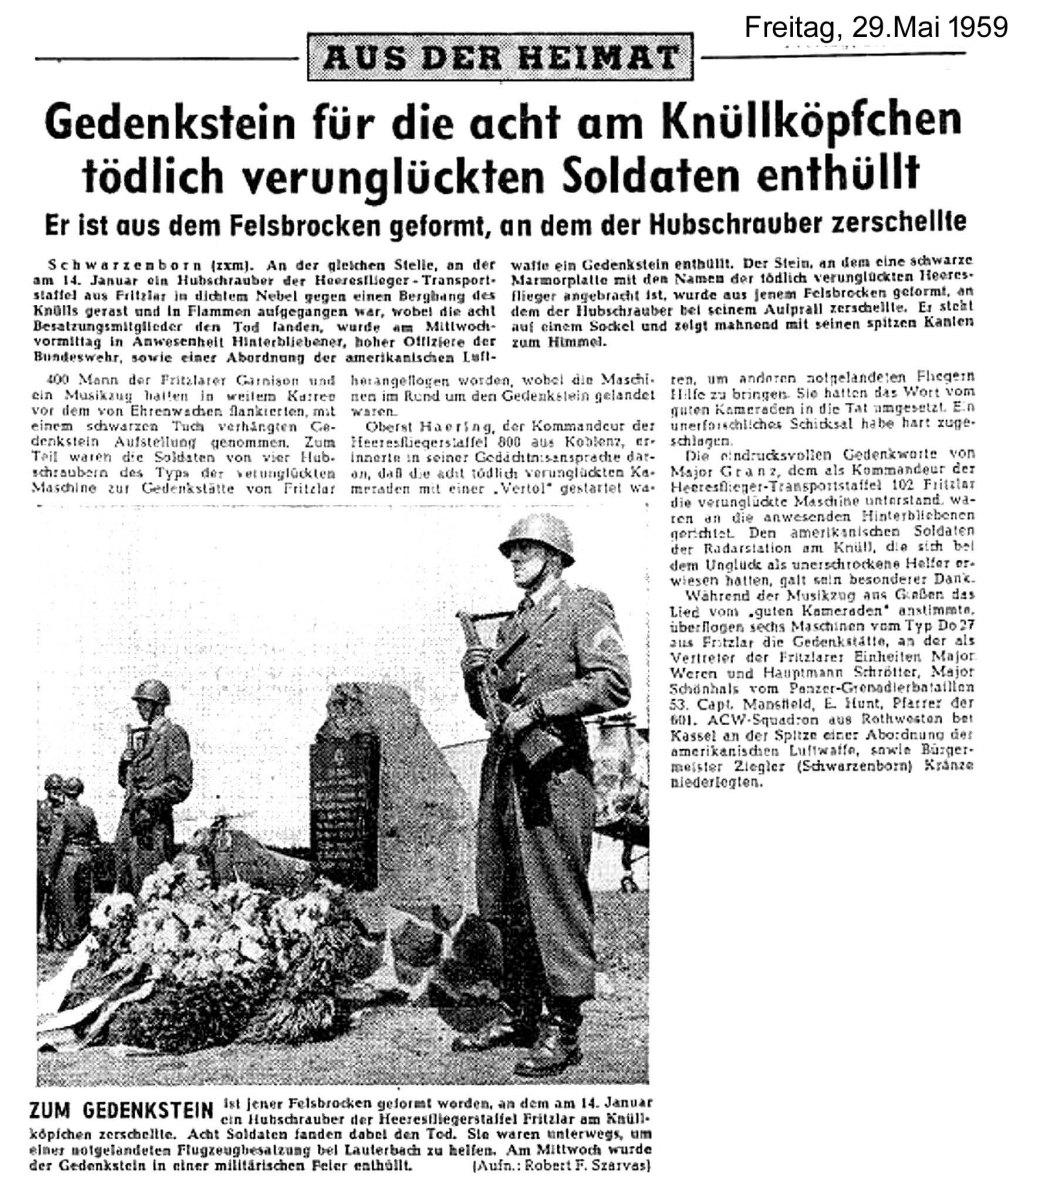 Gedenkstein am Knüll 1959.jpg